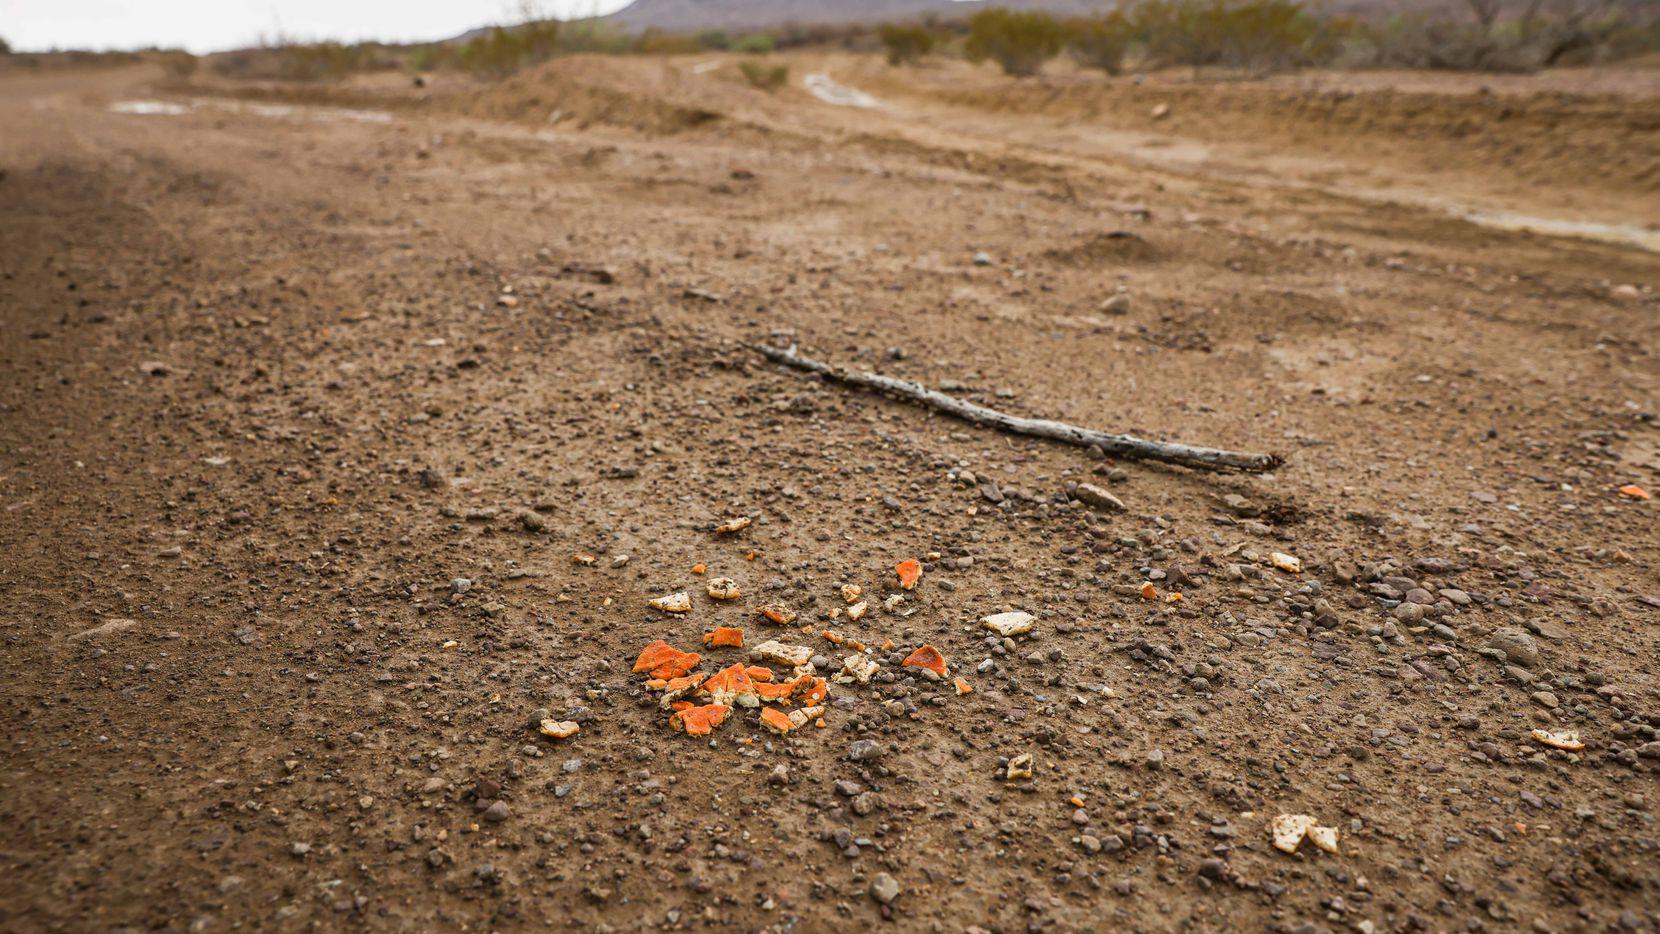 Pedazos de cáscara de naranja permanecen en la tierra de Chispa Road, en el condado Jeff Davis, al oeste de Texas. En ese lugar el sheriff Oscar Carrillo encontró a dos migrantes que se había internado a Estados Unidos a través del desierto. Raúl, de 35 años y su hijo de 15 años Christian, quien murió a consecuencia de agotamiento y el calor.